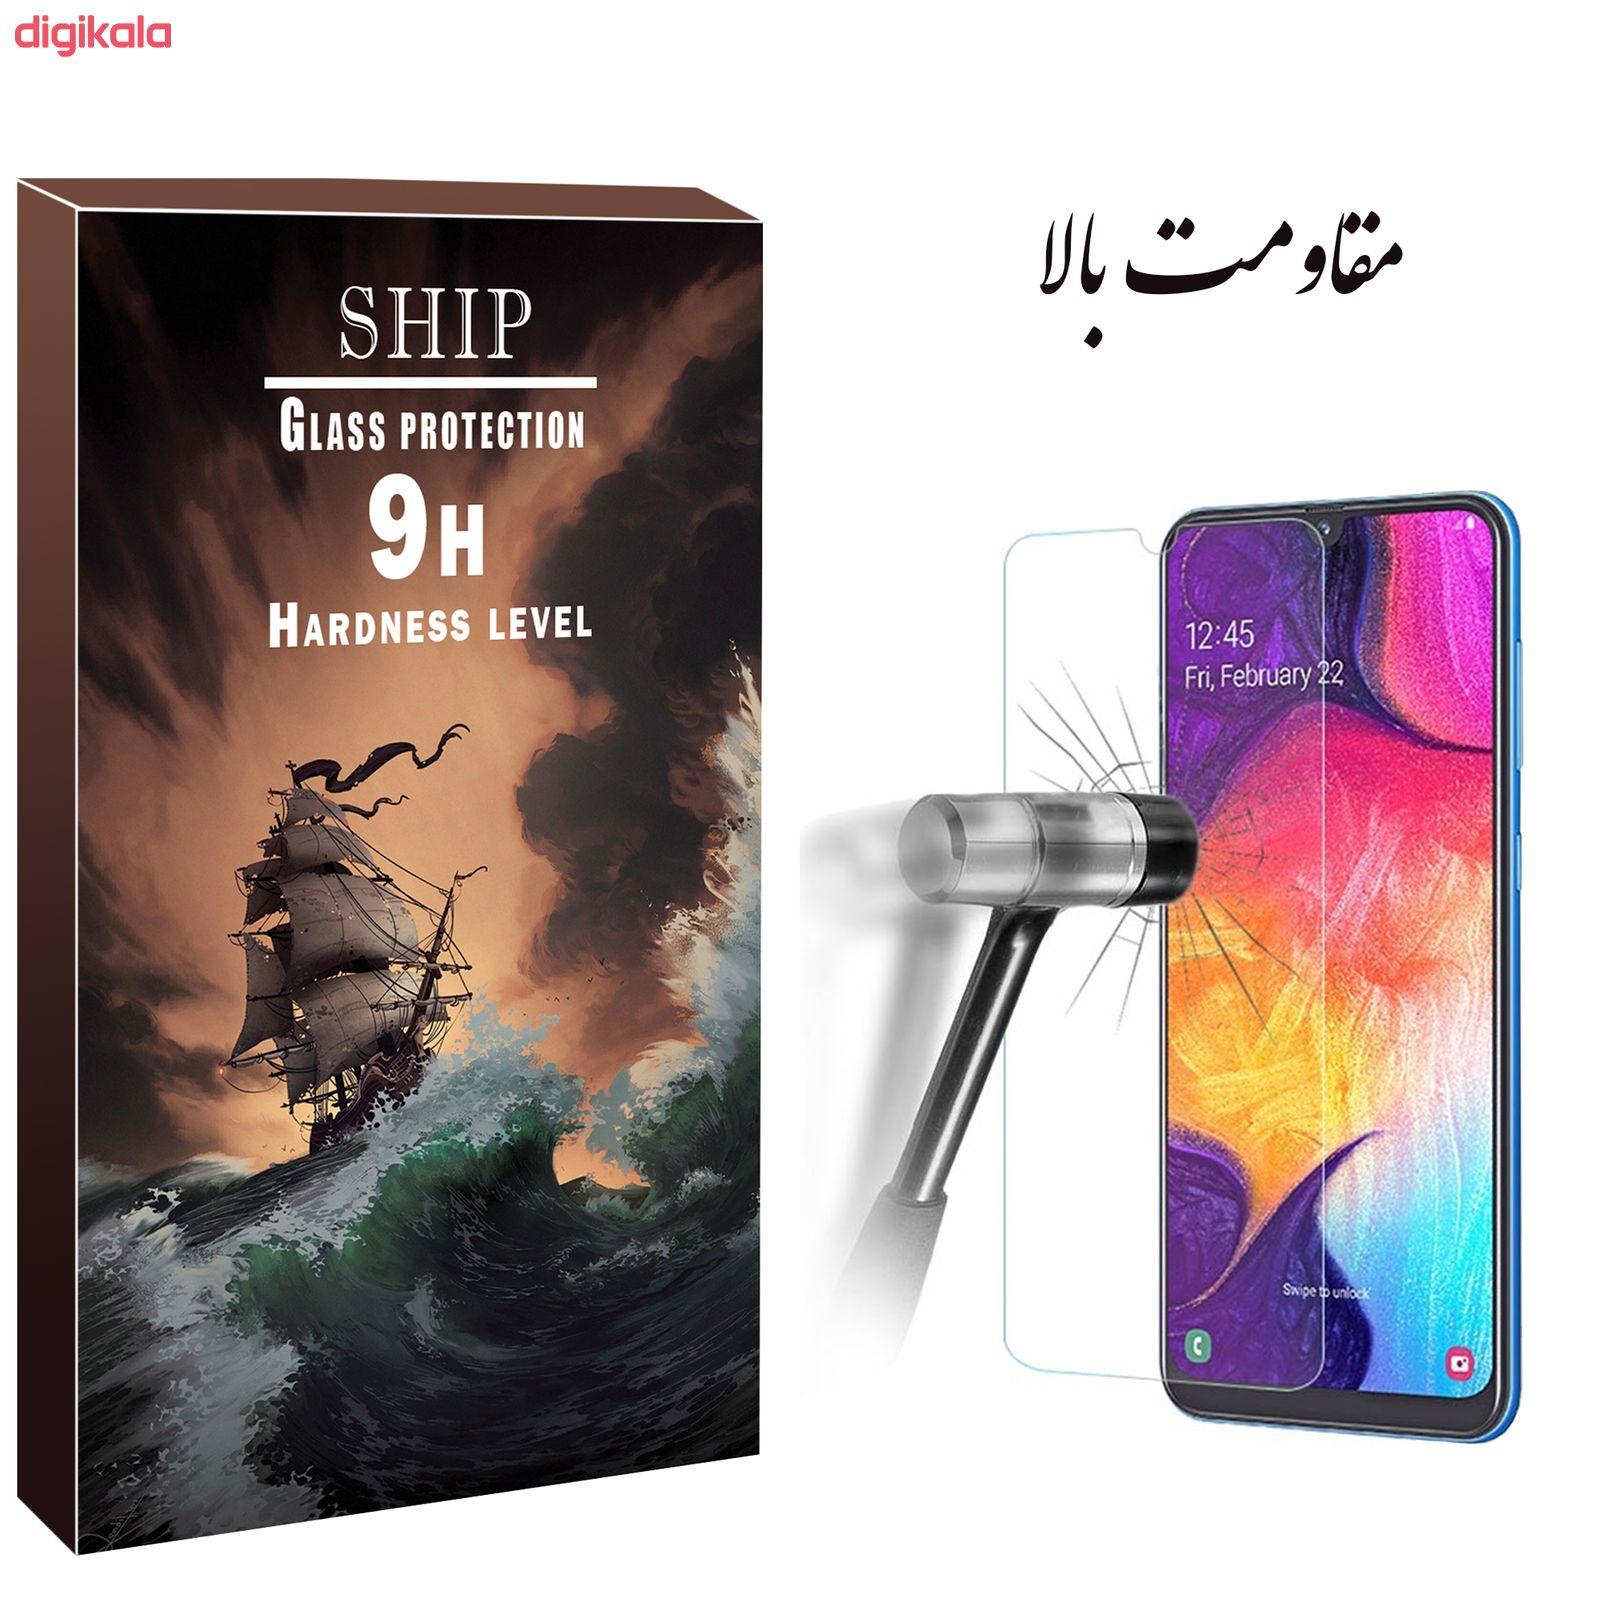 محافظ پشت گوشی شیپ مدل BKSH-01 مناسب برای گوشی موبایل سامسونگ Galaxy A71 main 1 3